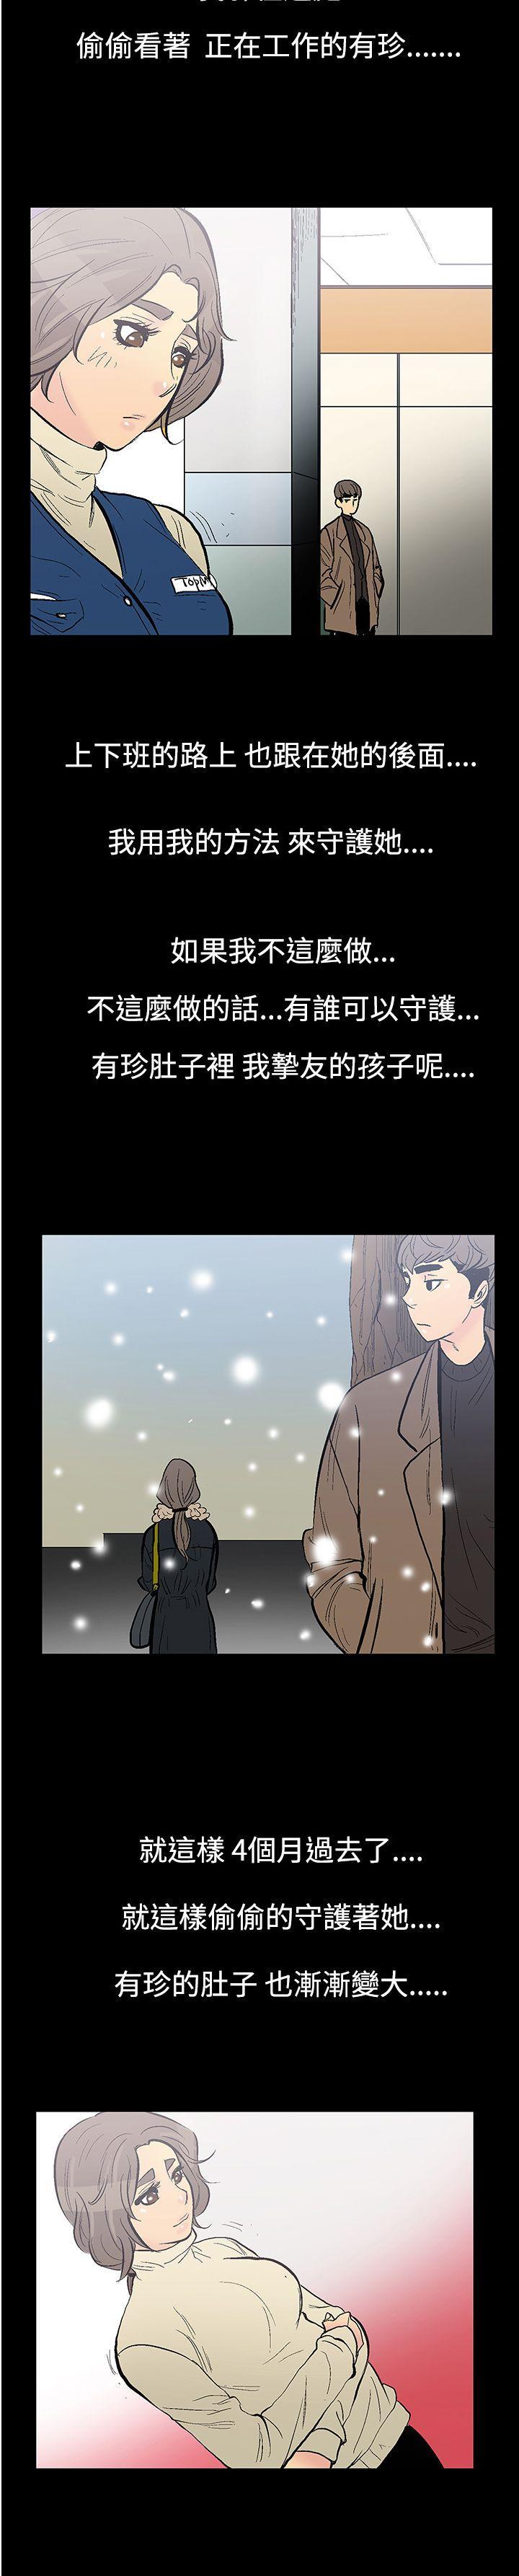 中文韩漫 無法停止的甜蜜關係 Ch.0-12 77